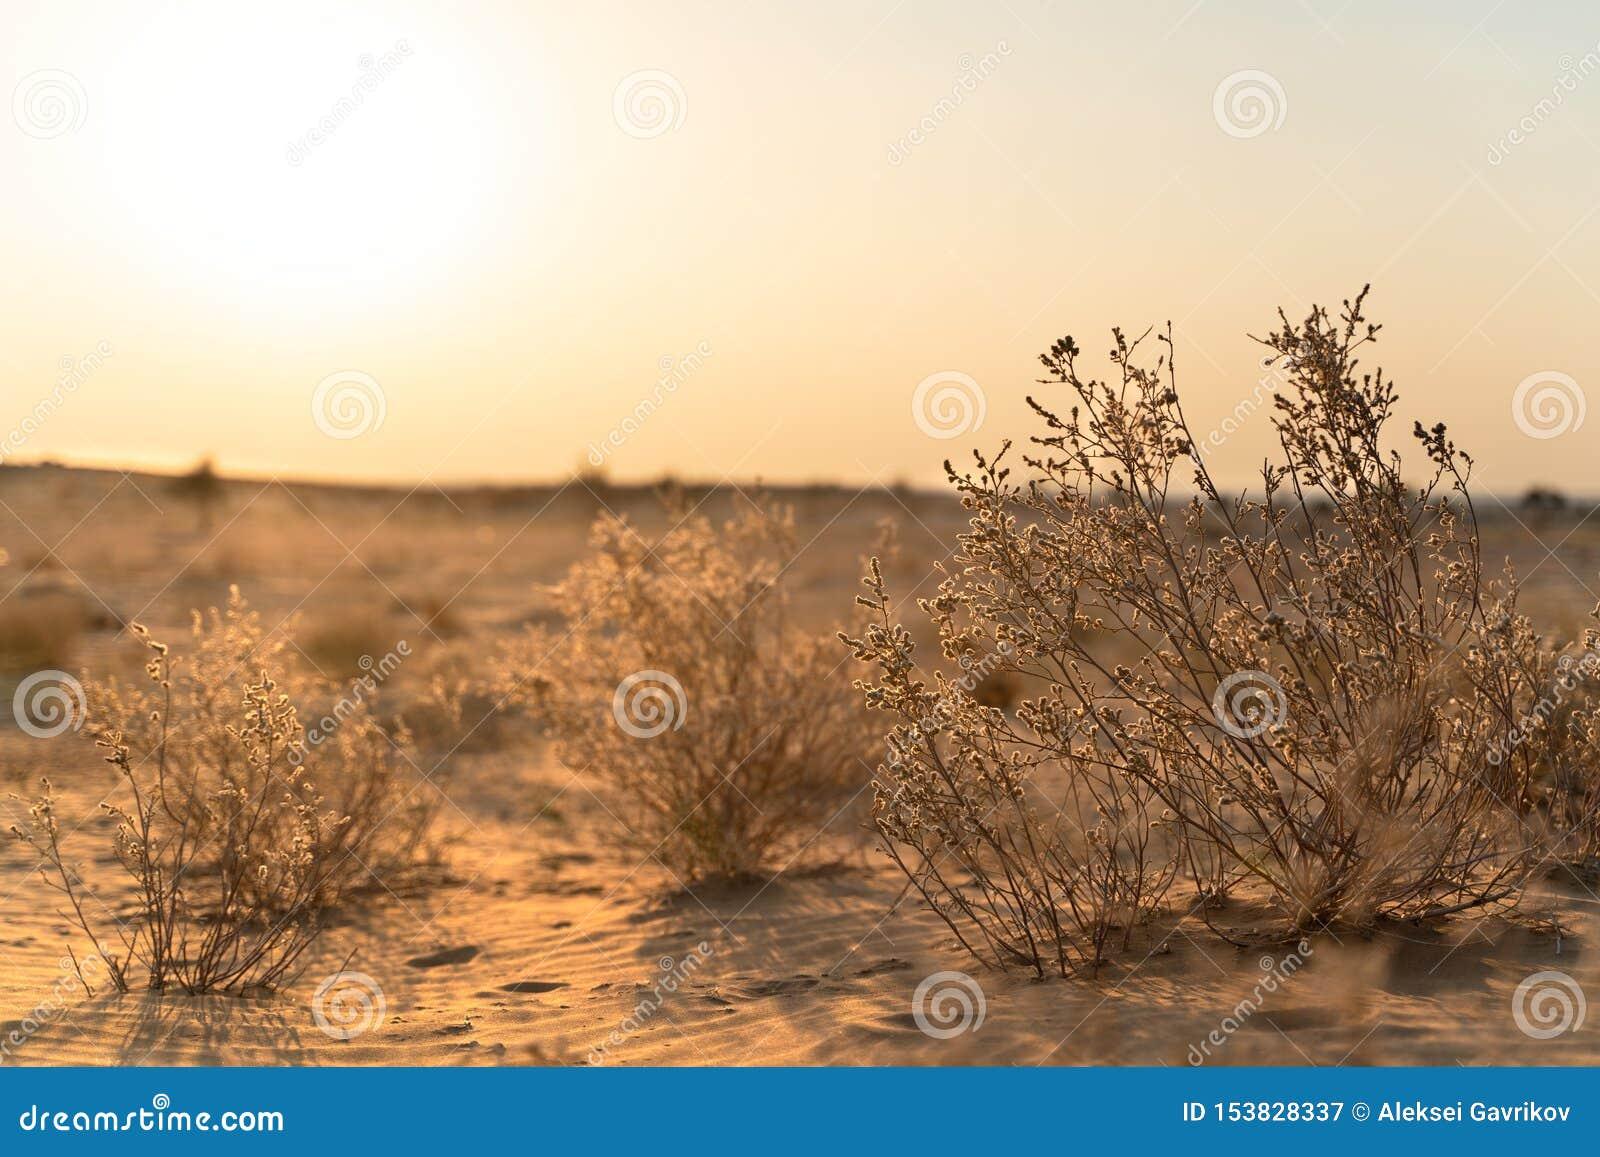 La visión en desierto indio